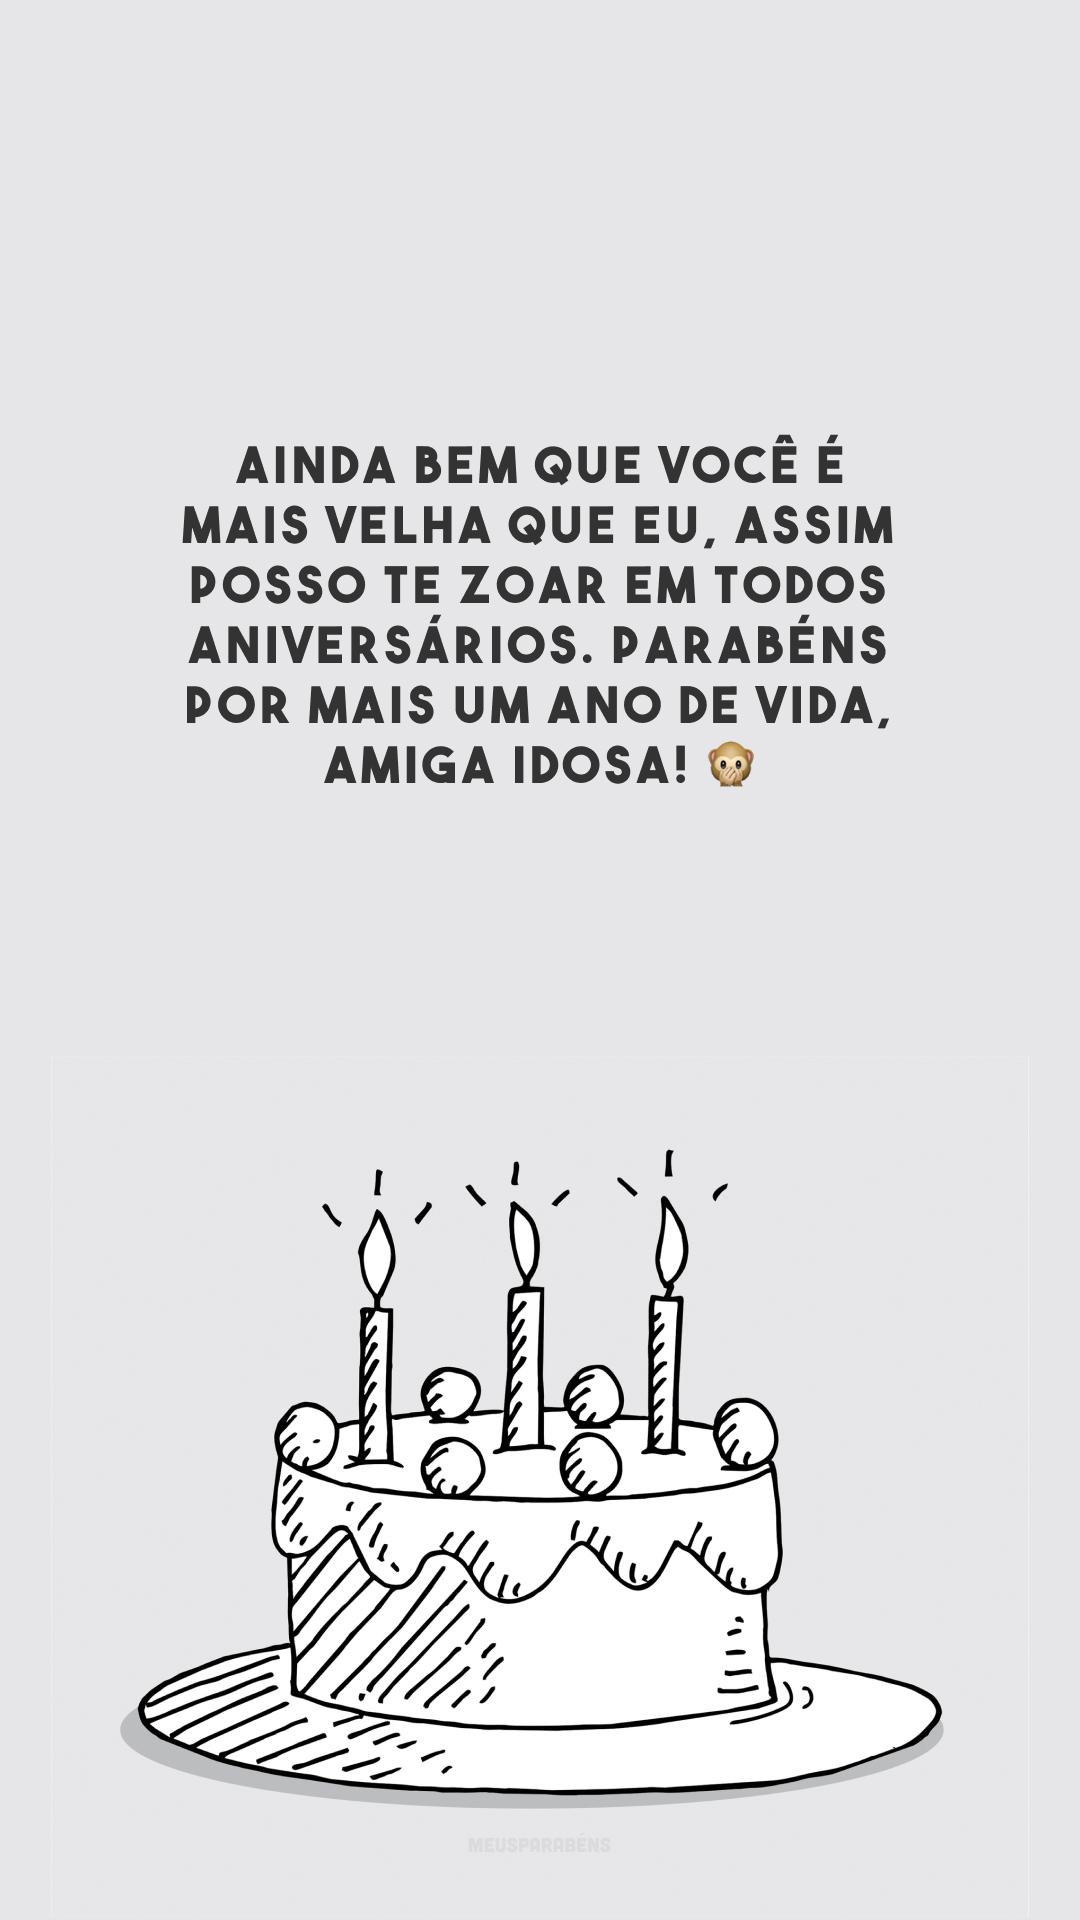 Ainda bem que você é mais velha que eu, assim posso te zoar em todos aniversários. Parabéns por mais um ano de vida, amiga idosa! 🙊